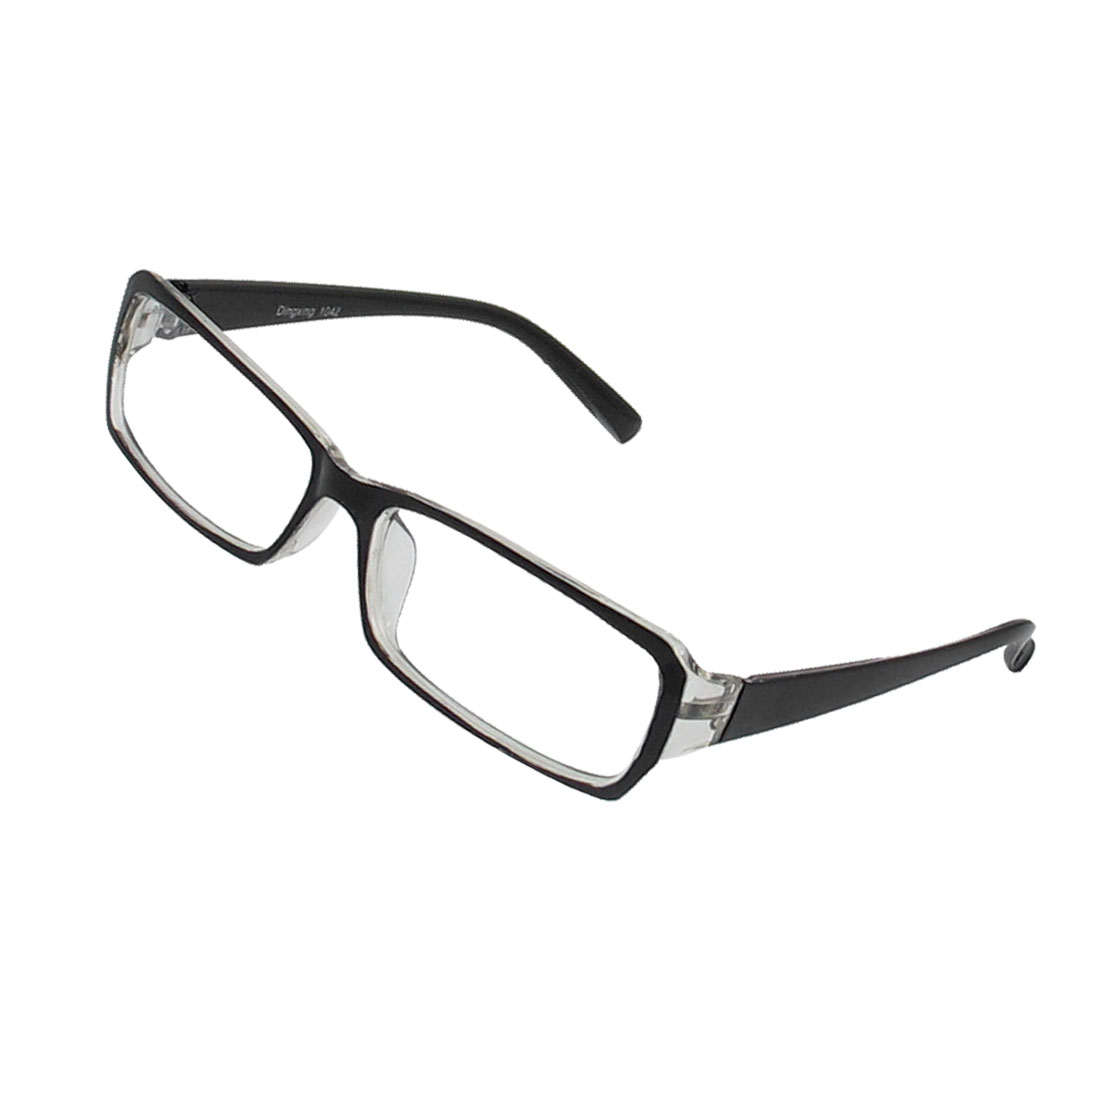 Unique BargainsWomen Plastic Full Frame Plain Spectacles Eyeglasses Black Clear - image 1 de 1